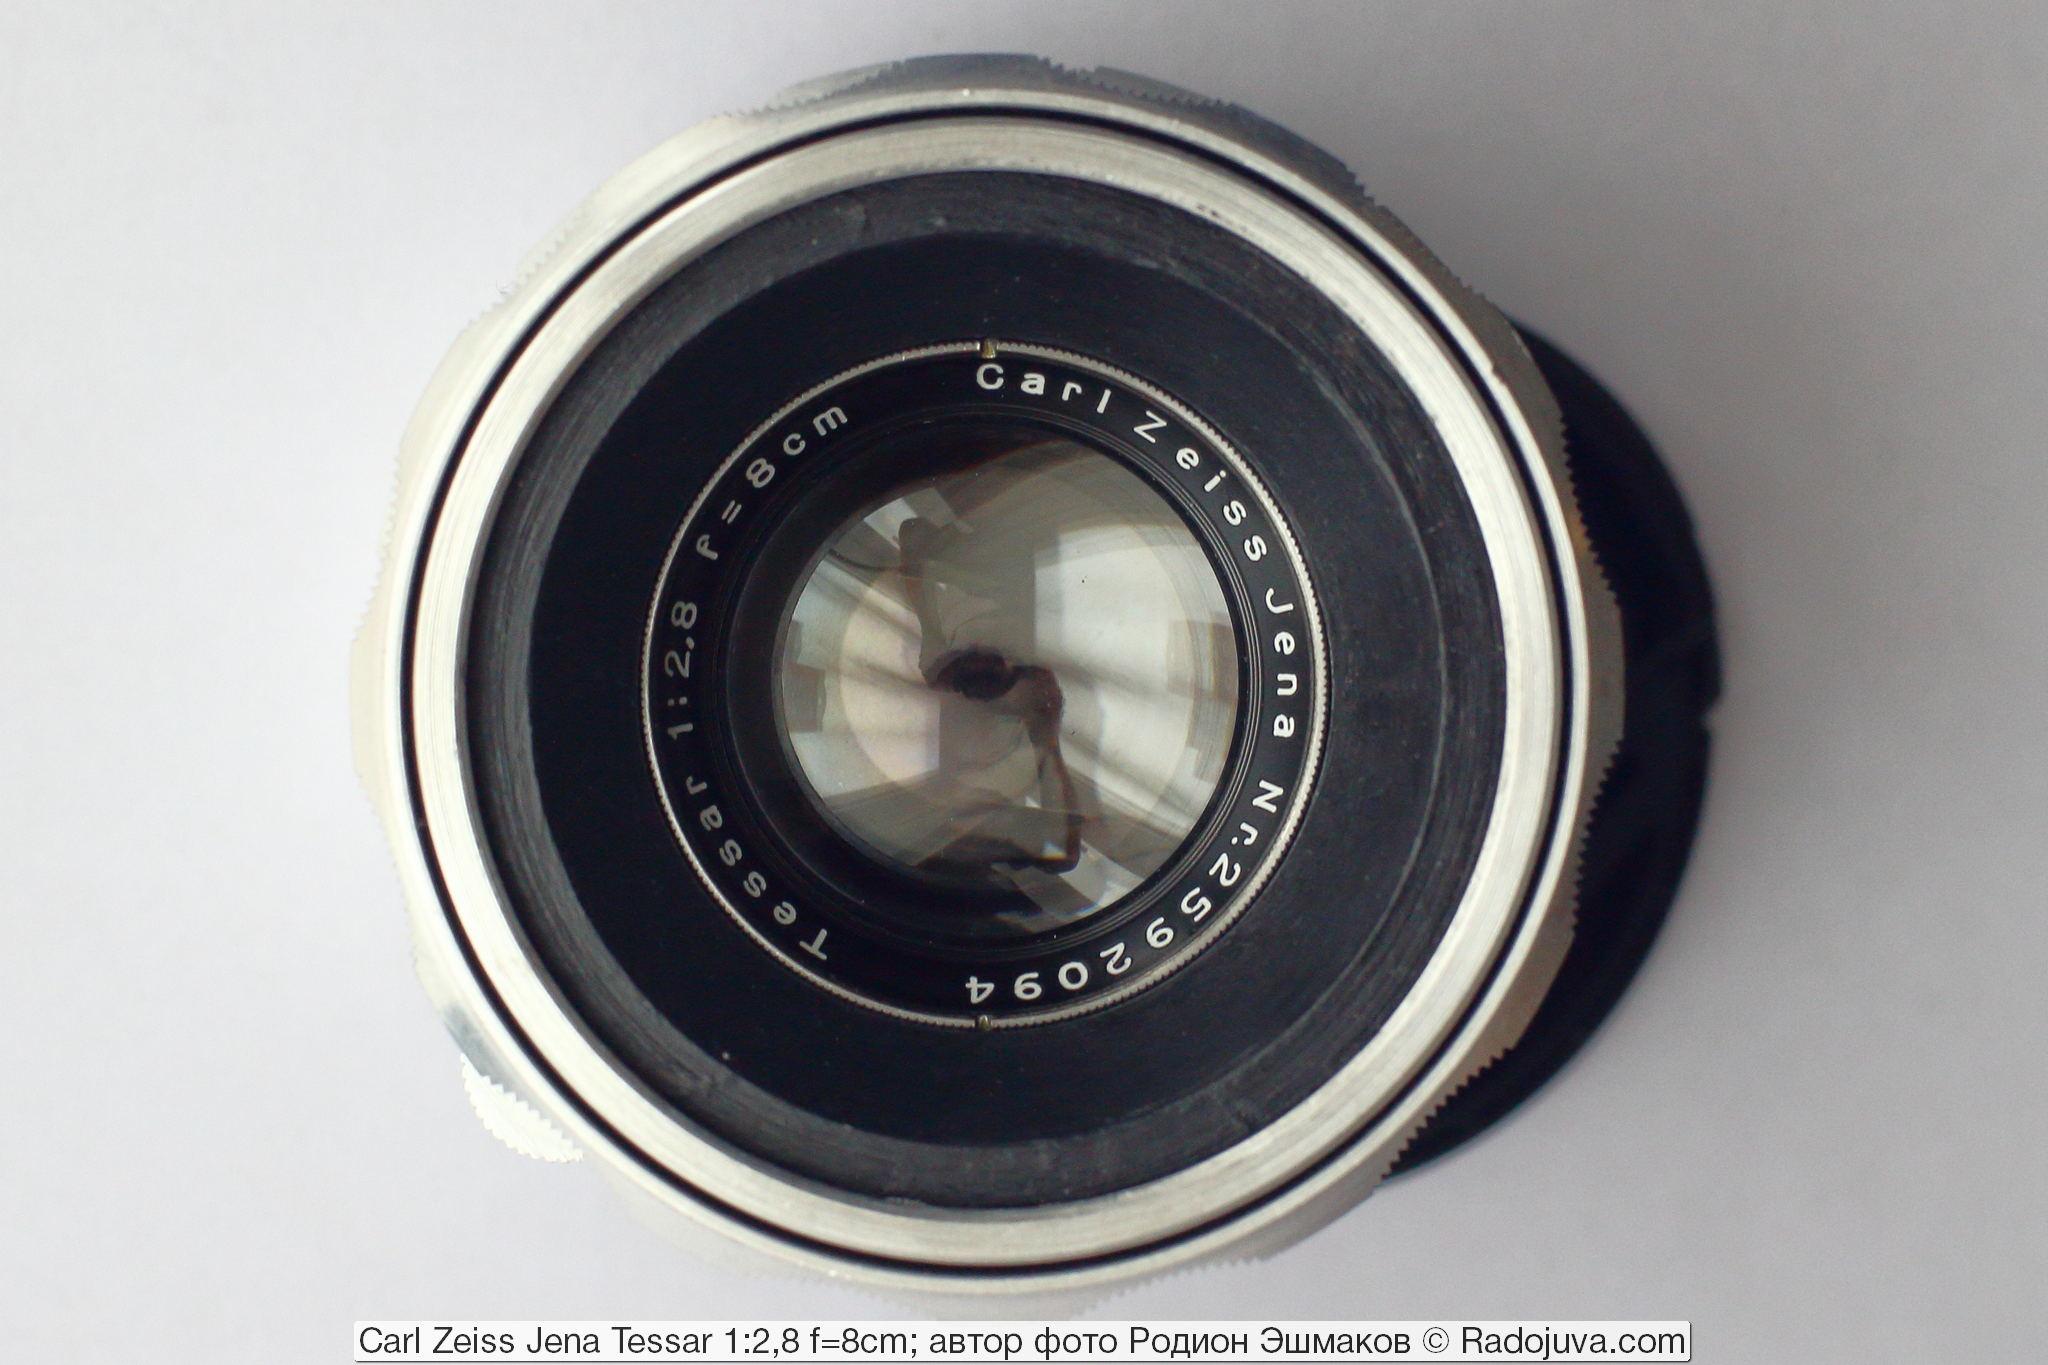 Вид адаптированного объектива Carl Zeiss Jena Tessar 1:2,8 f=8cm